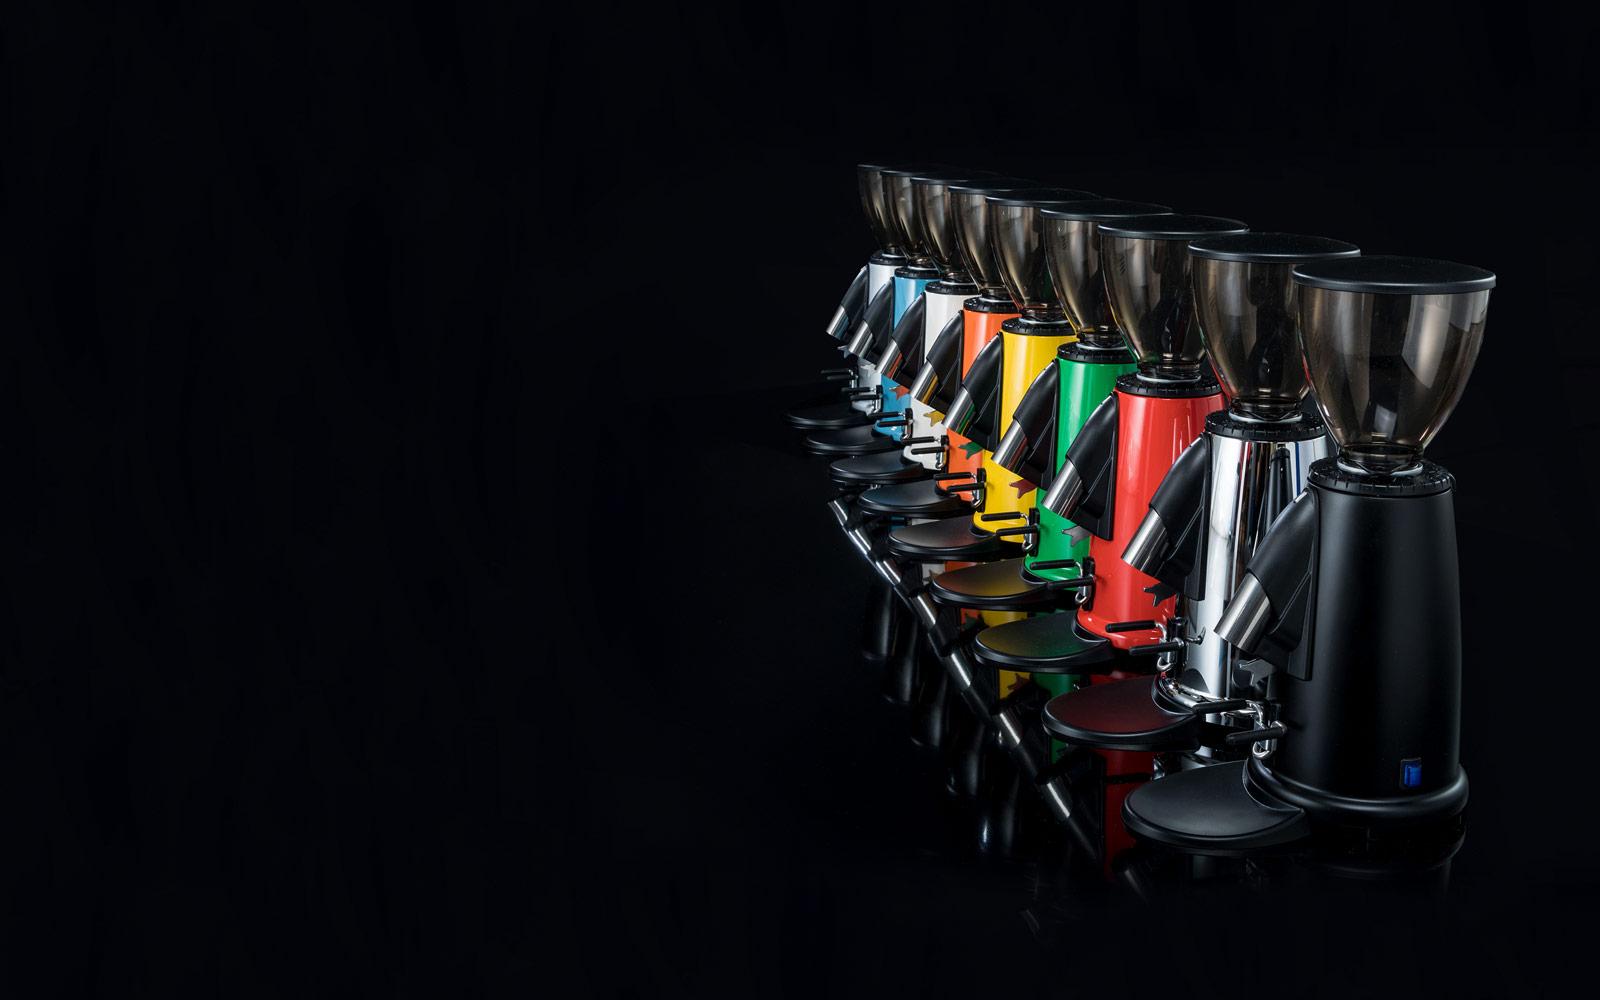 Macap-Muhlen-M2-Serie-in-diversen-Farben